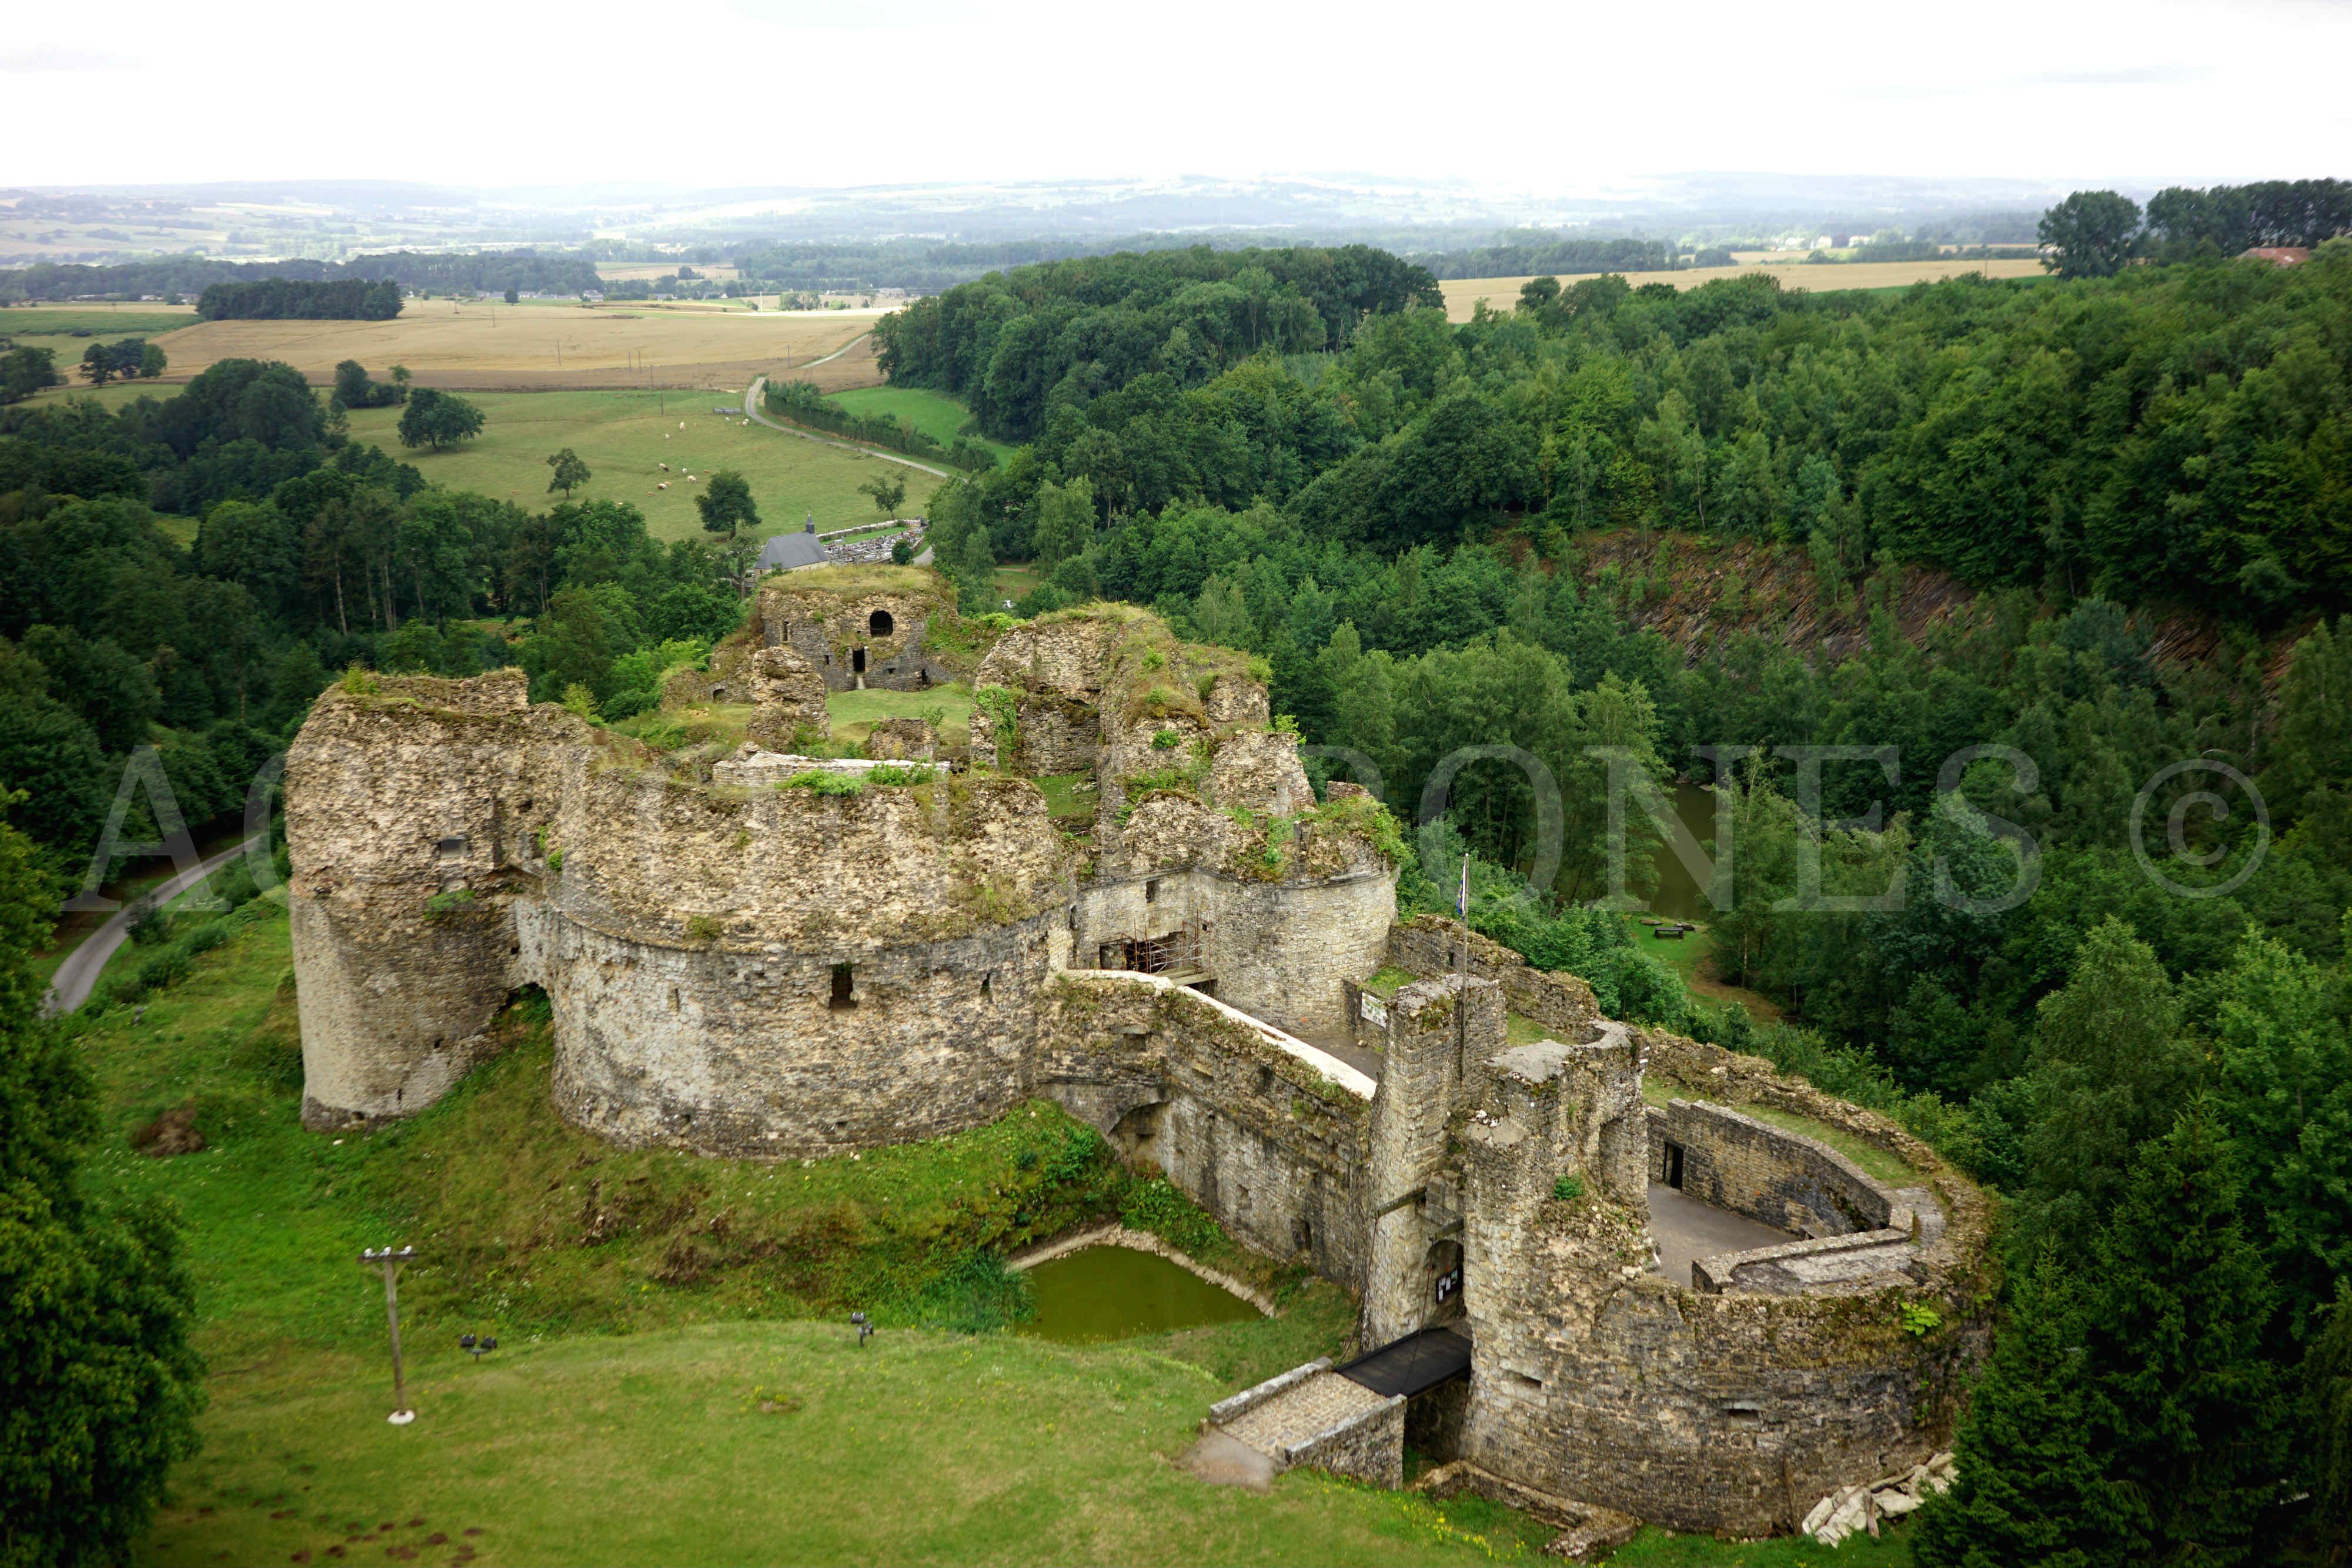 Le château de Montcornet (08) vu du ciel